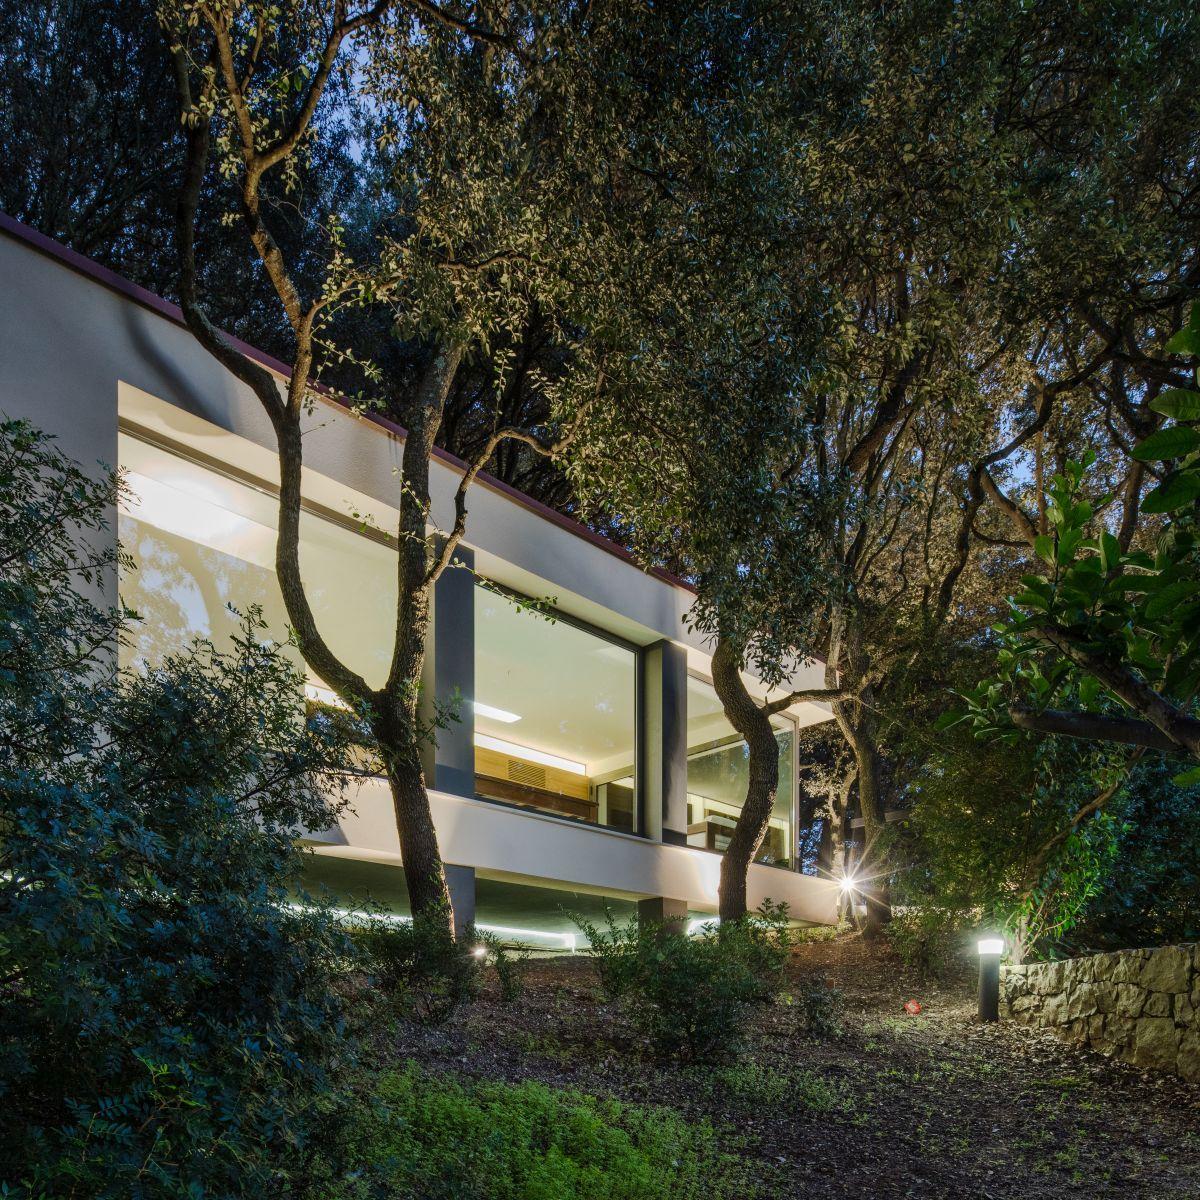 Casa nel Bosco lights up at night